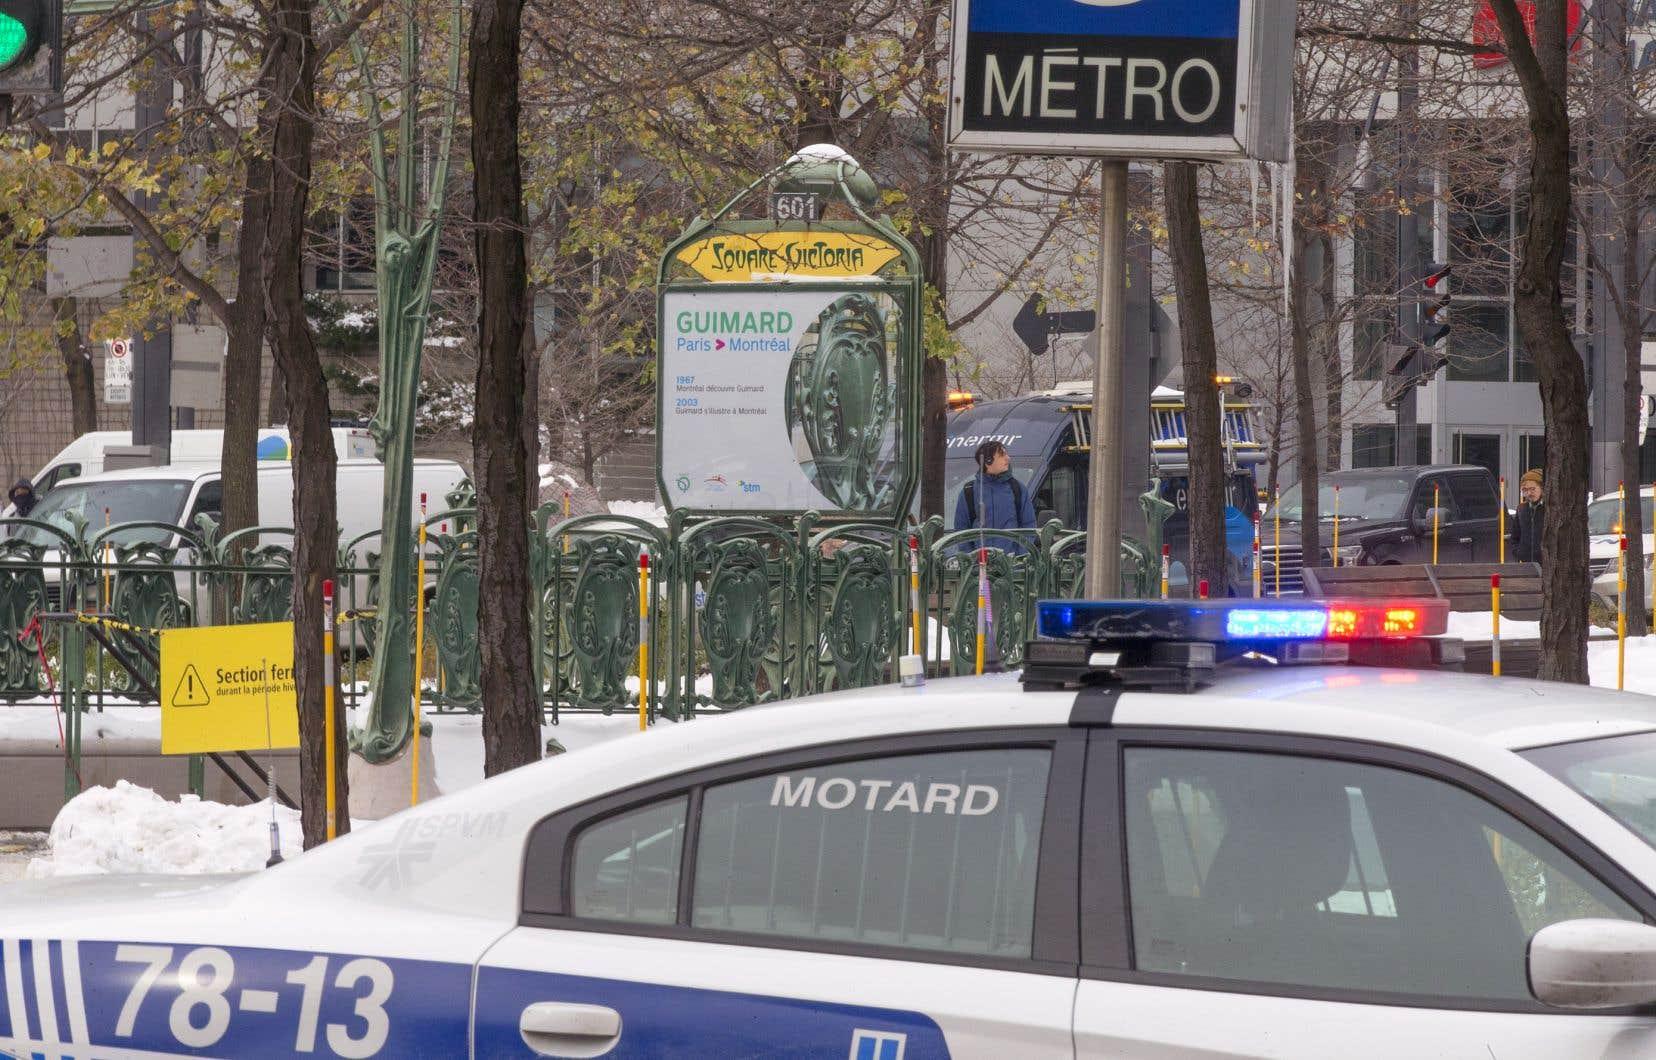 L'infiltration d'eau s'est produite après l'éclatement d'une conduite d'une trentaine de centimètres de diamètre appartenant à la Ville de Montréal près de la station Square-Victoria-OACI.